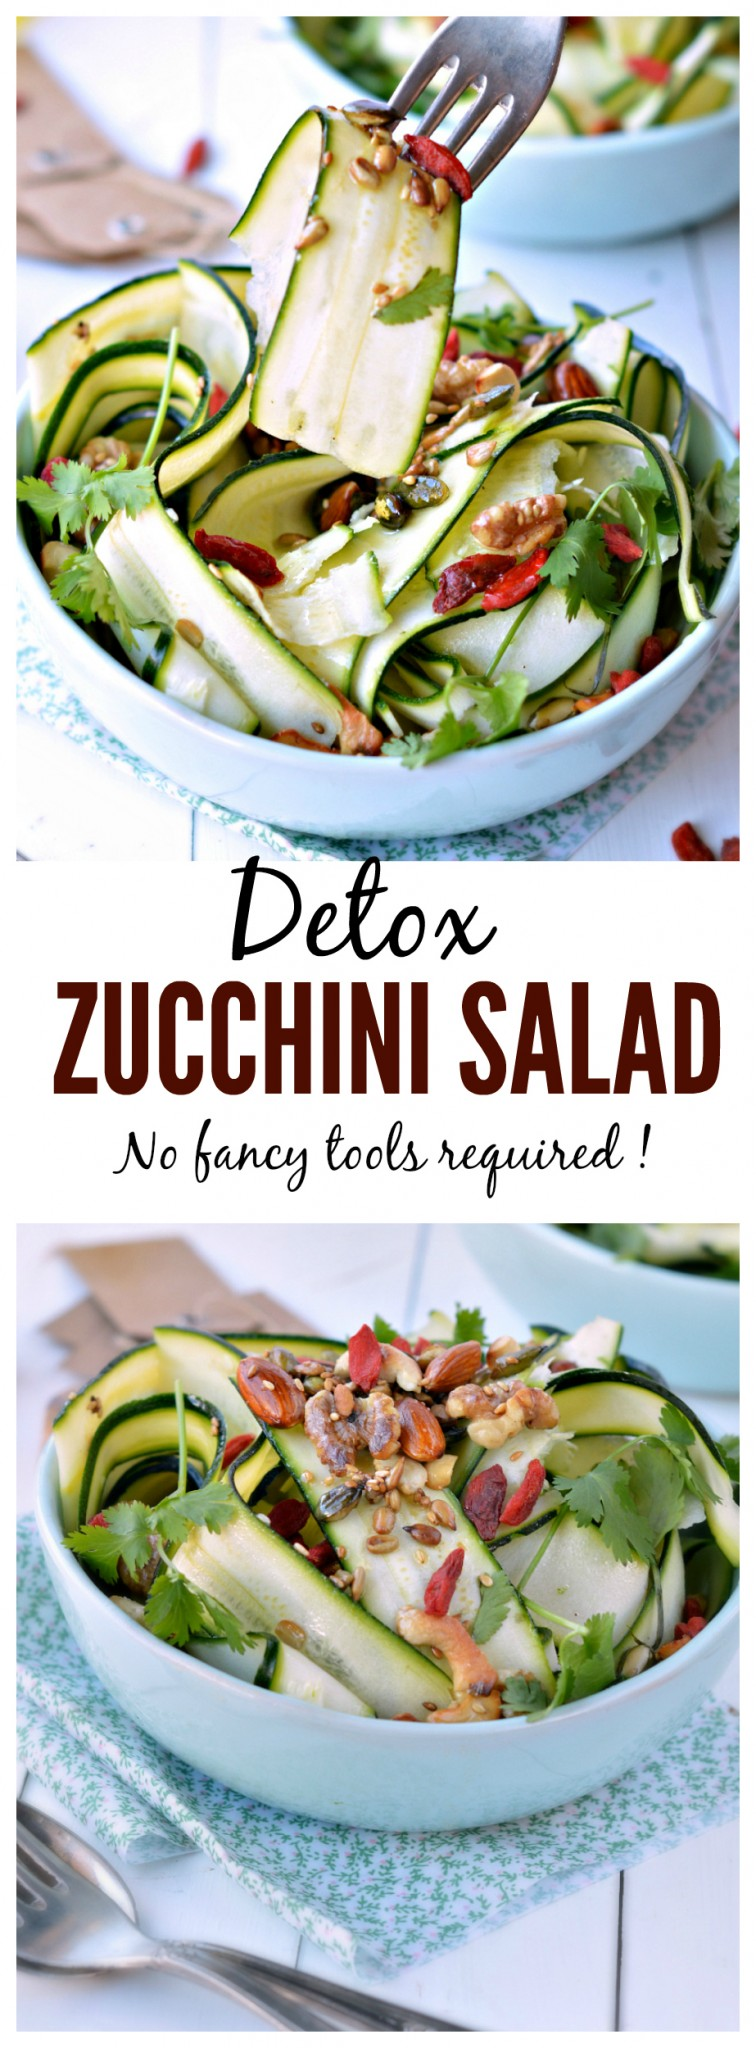 detox zucchini salad